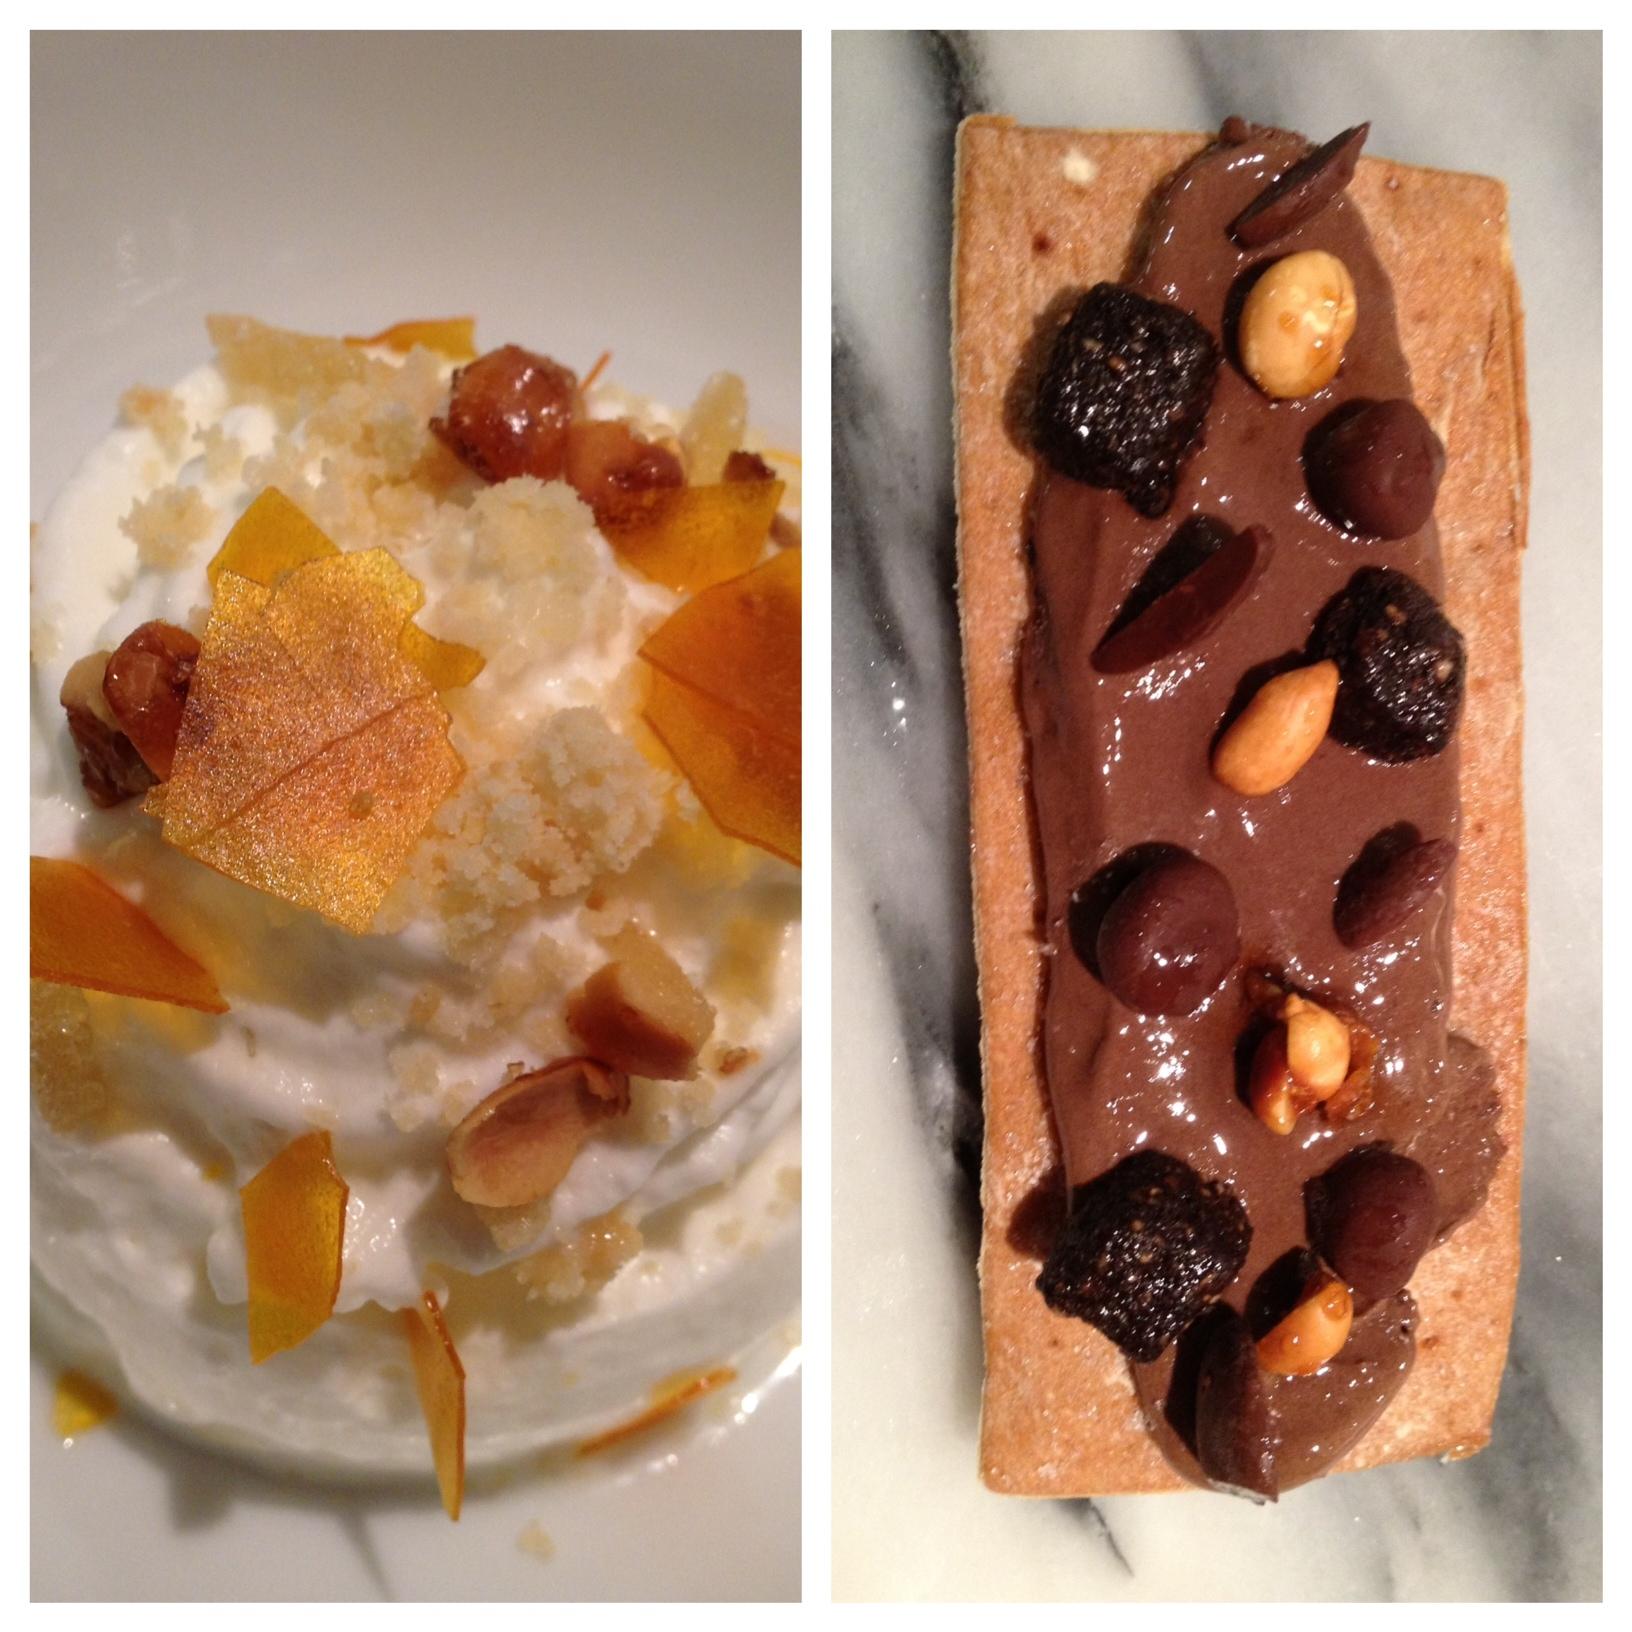 Ricard Camarena 1) Helado cremoso de calabaza 2) Cocha de chocolate